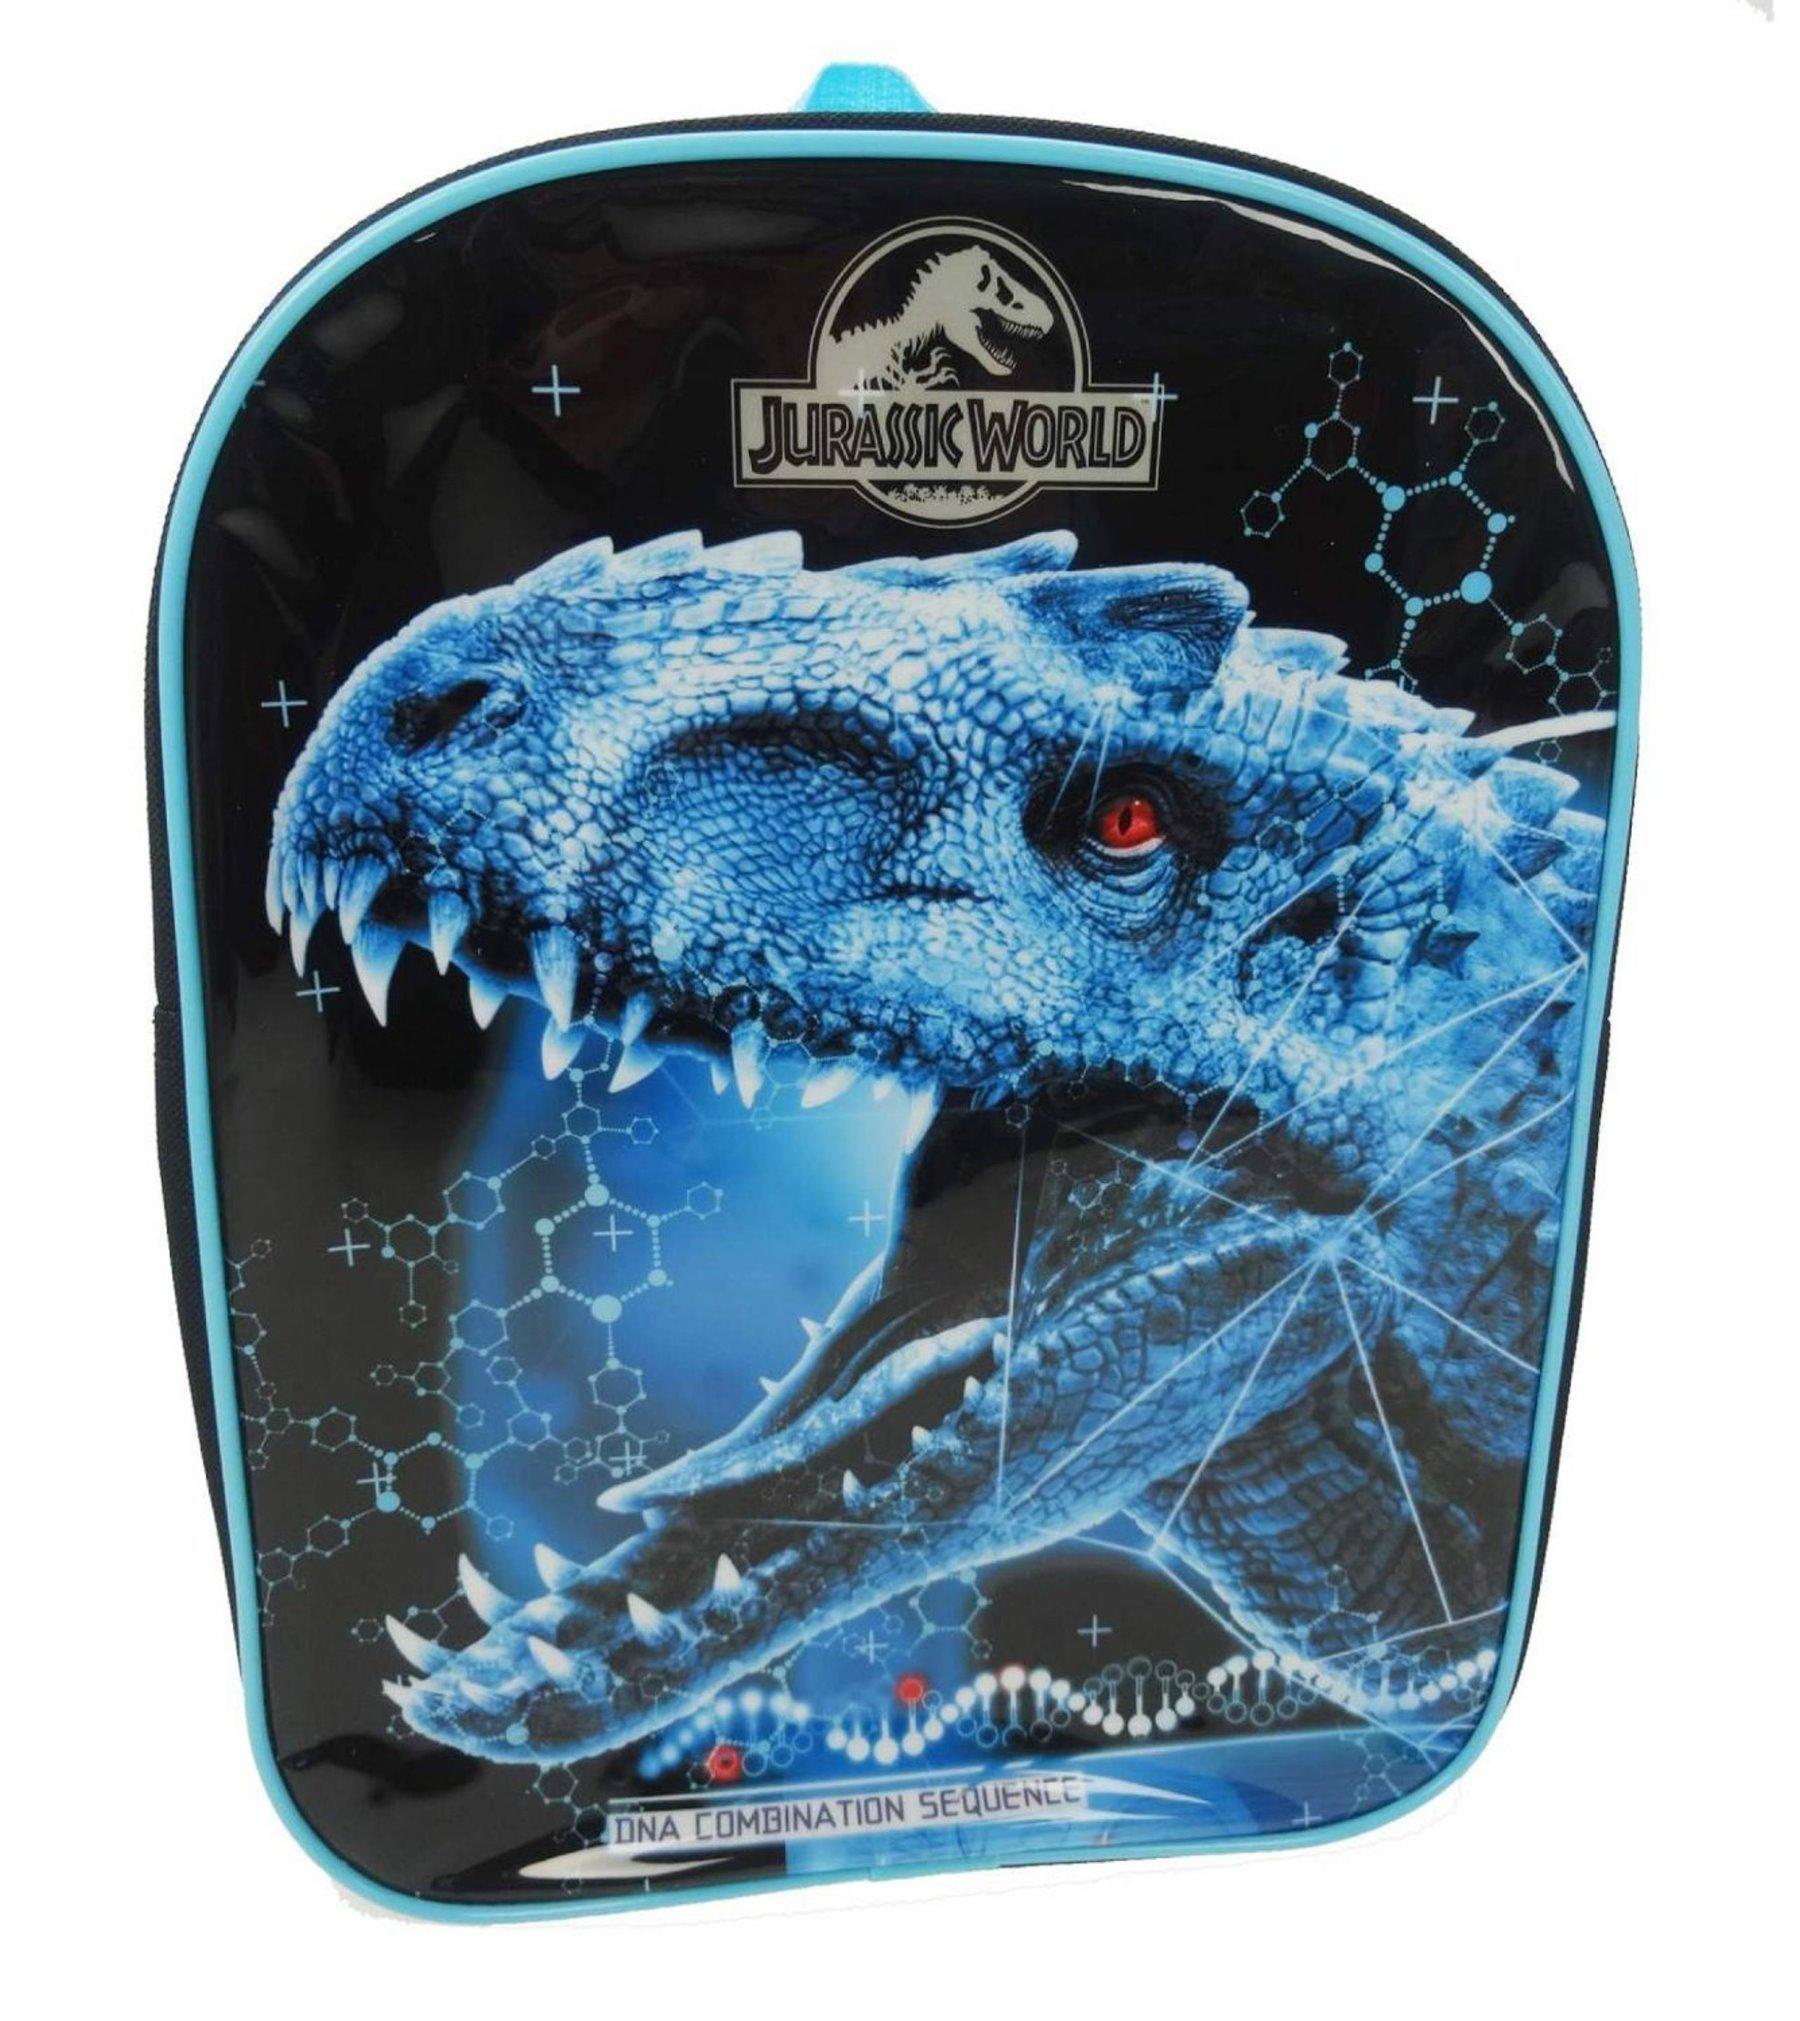 Jurassic World Backpacks